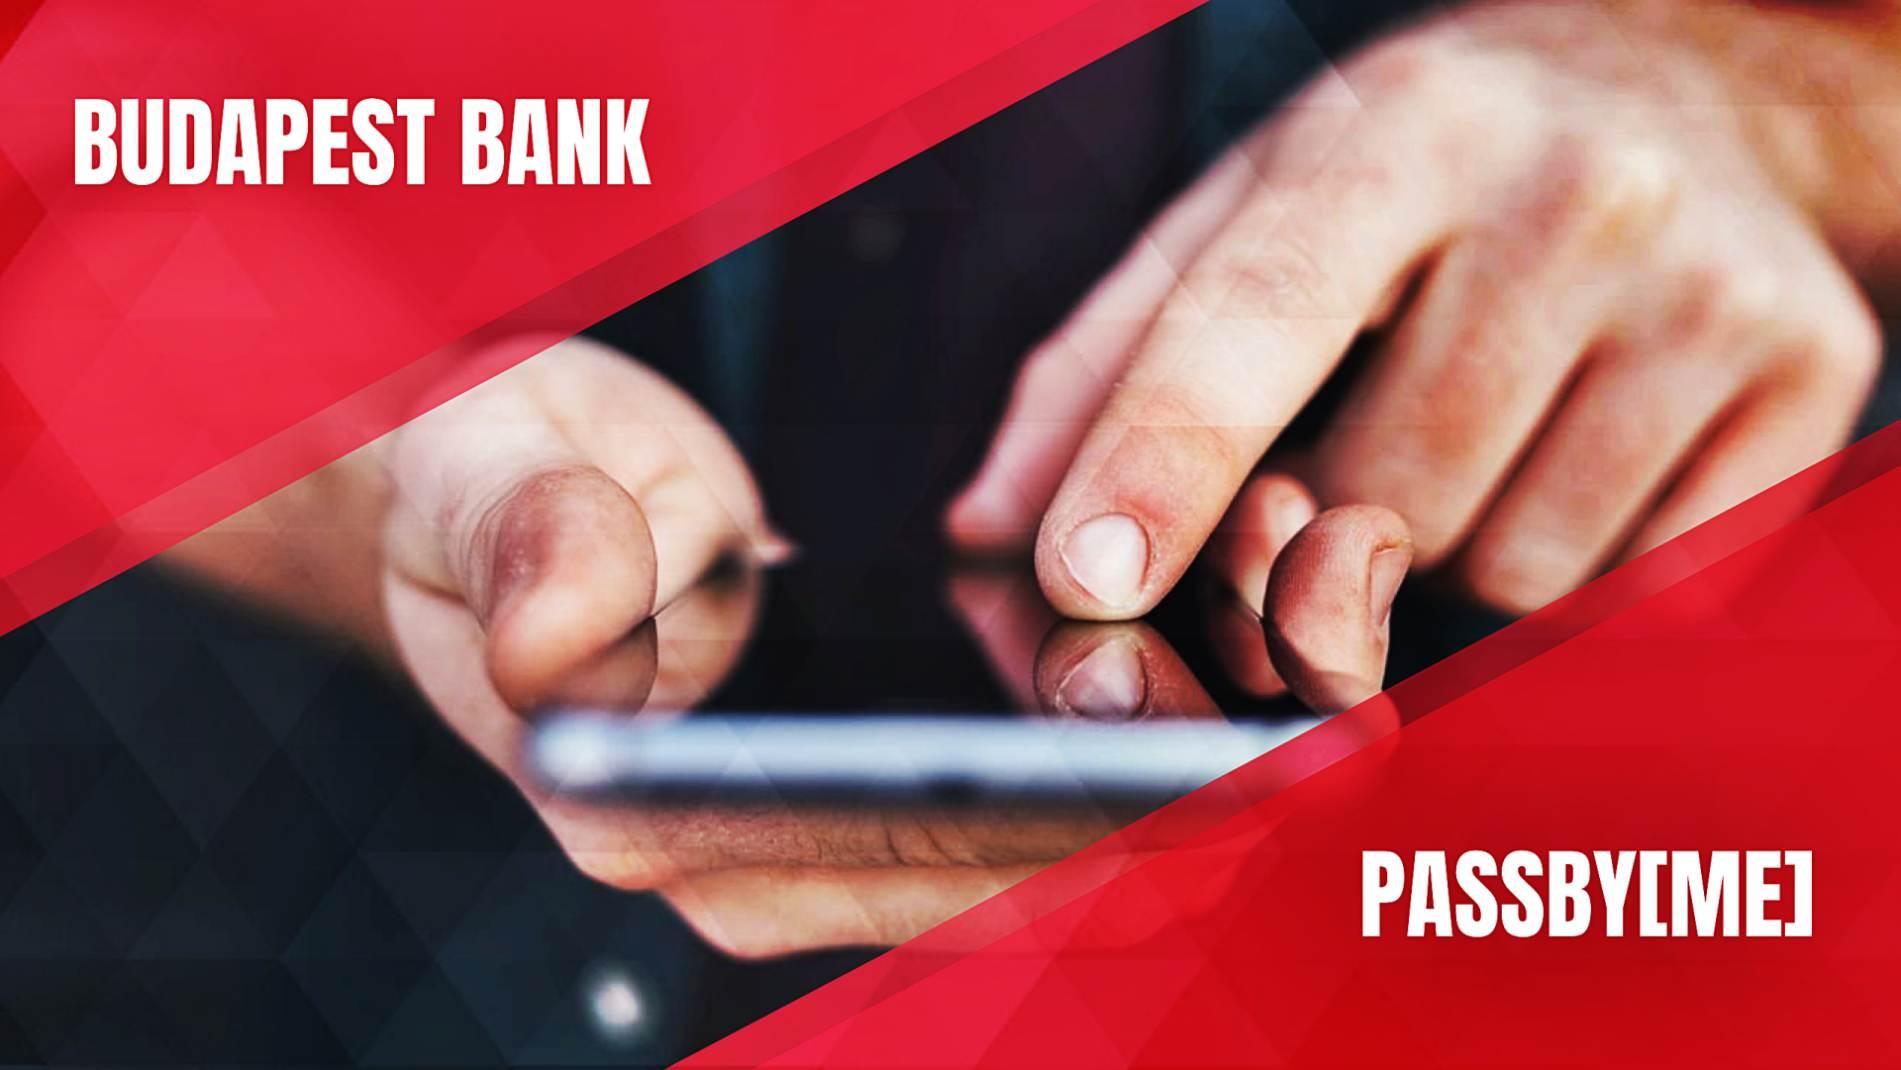 Mobil alapú elektronikus aláírással jön a Budapest Bank